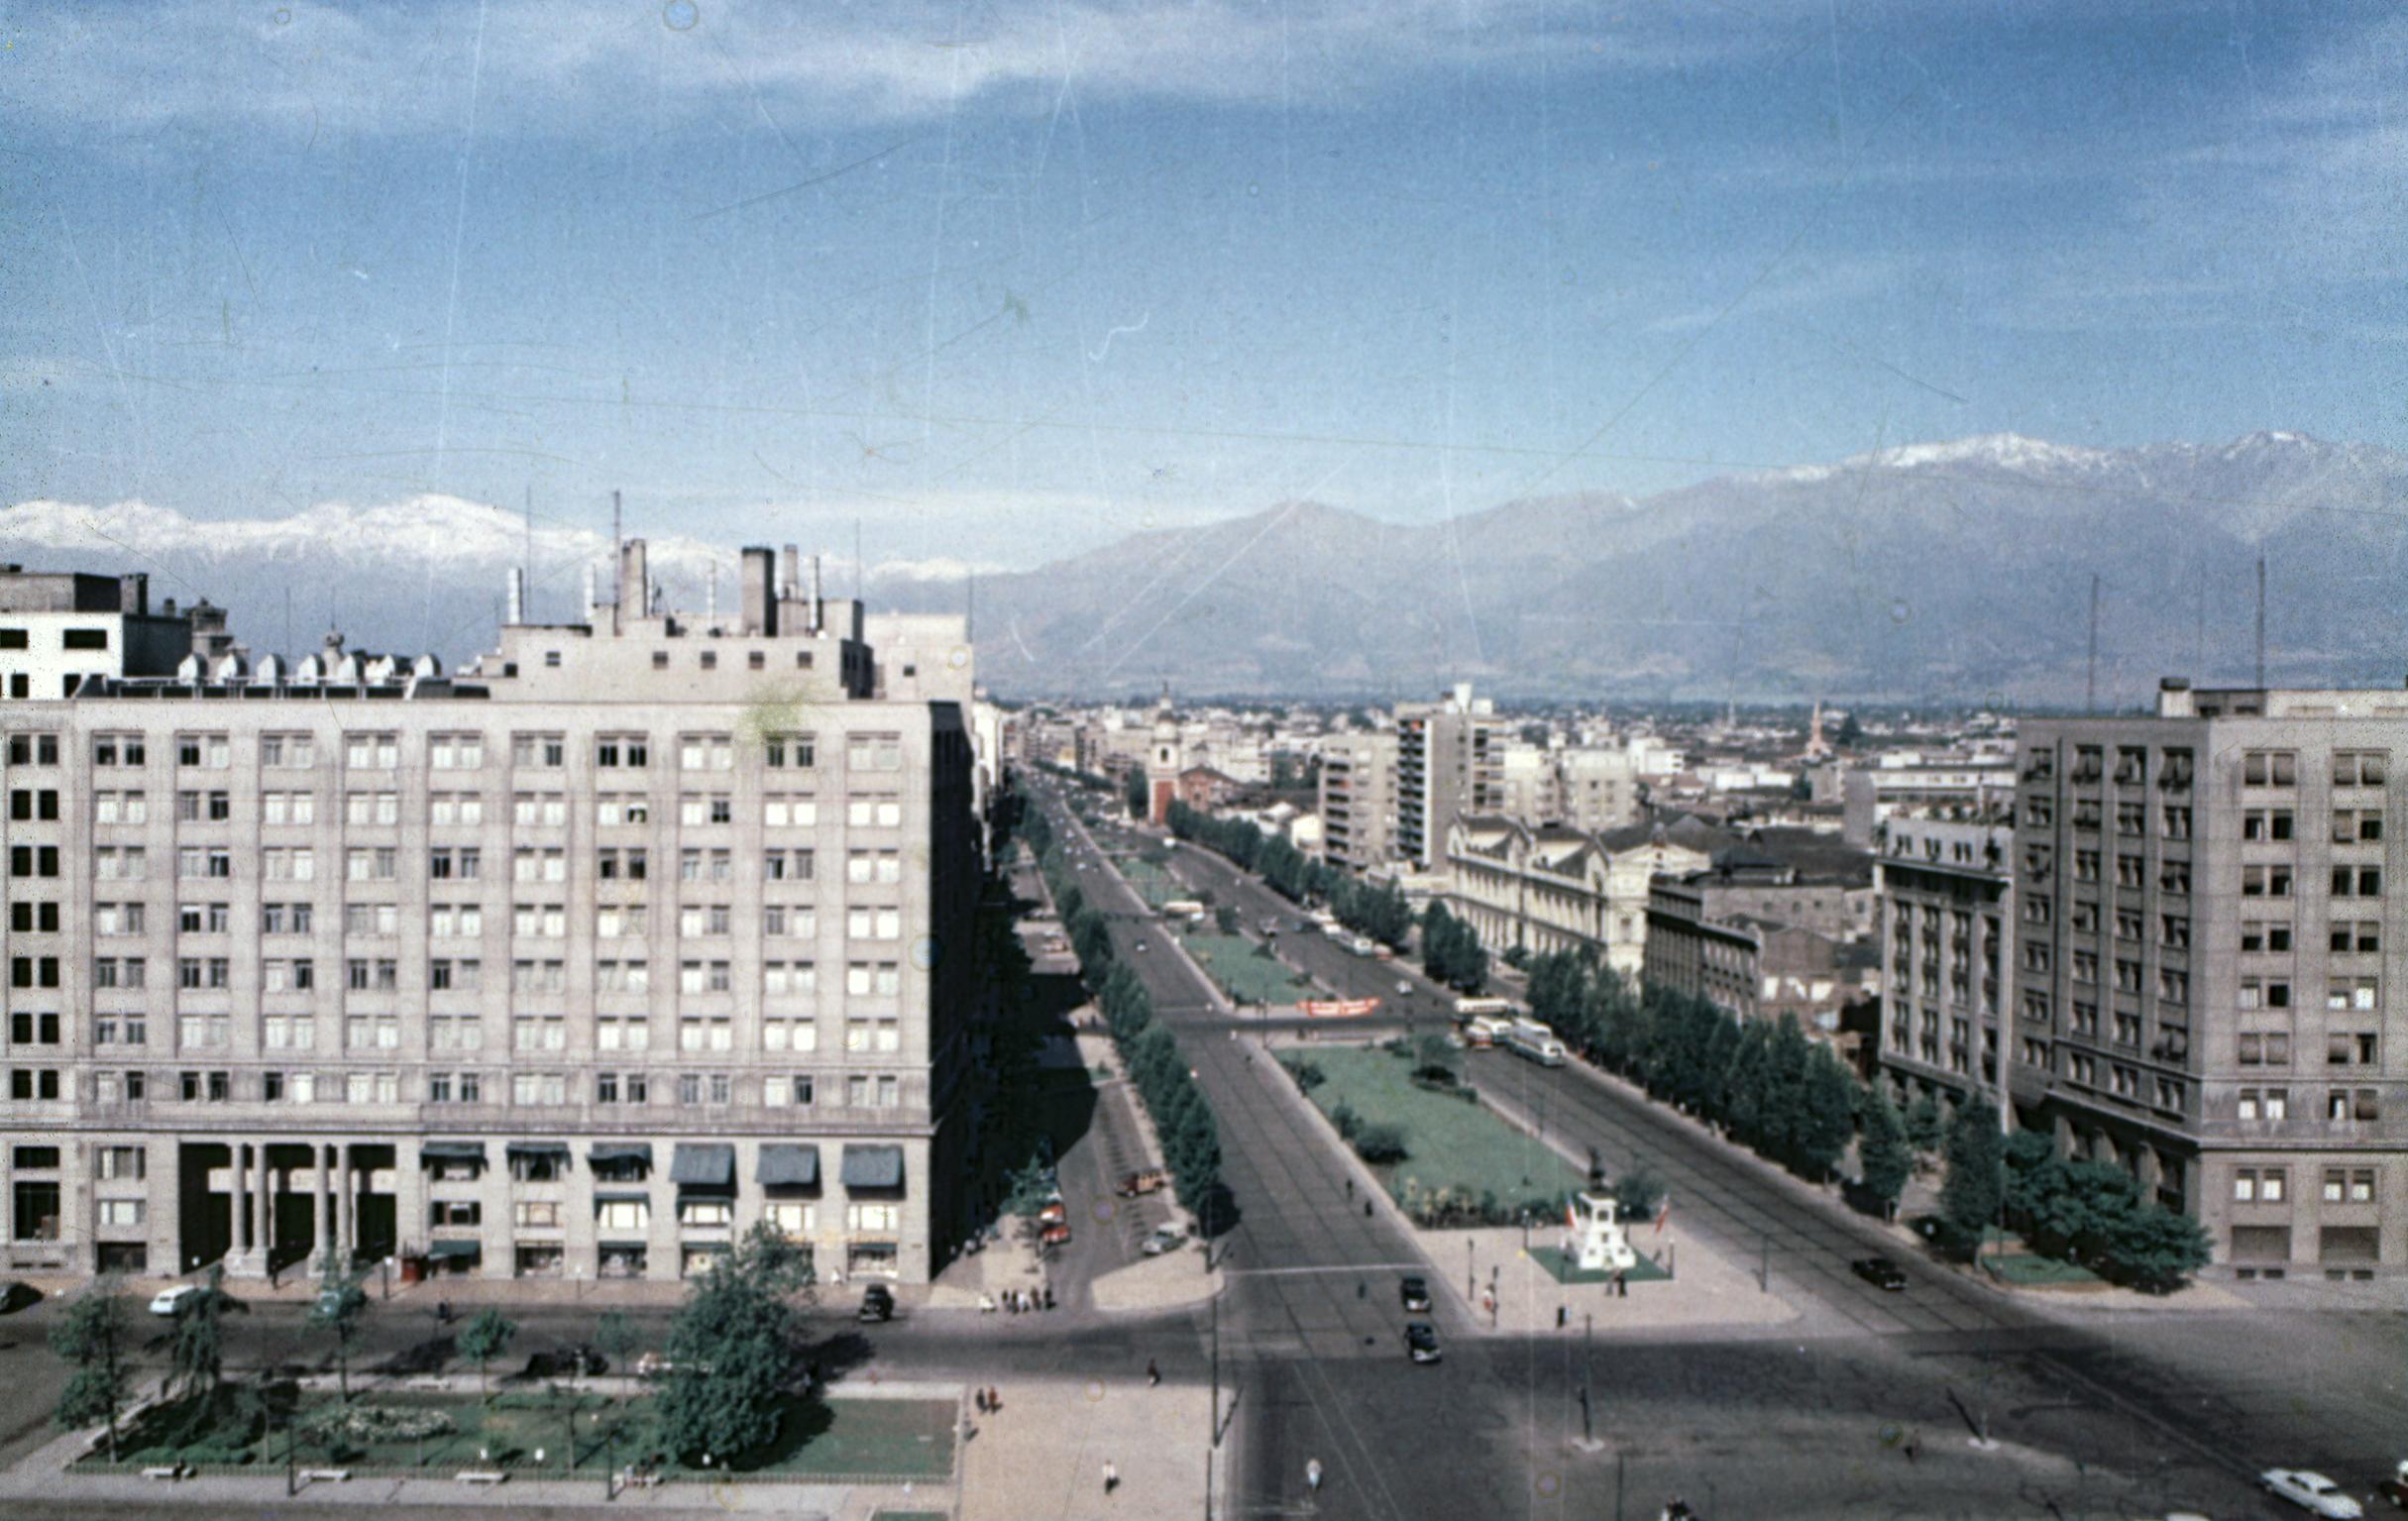 Enterreno - Fotos históricas de chile - fotos antiguas de Chile - Barrio Cívico en 1960